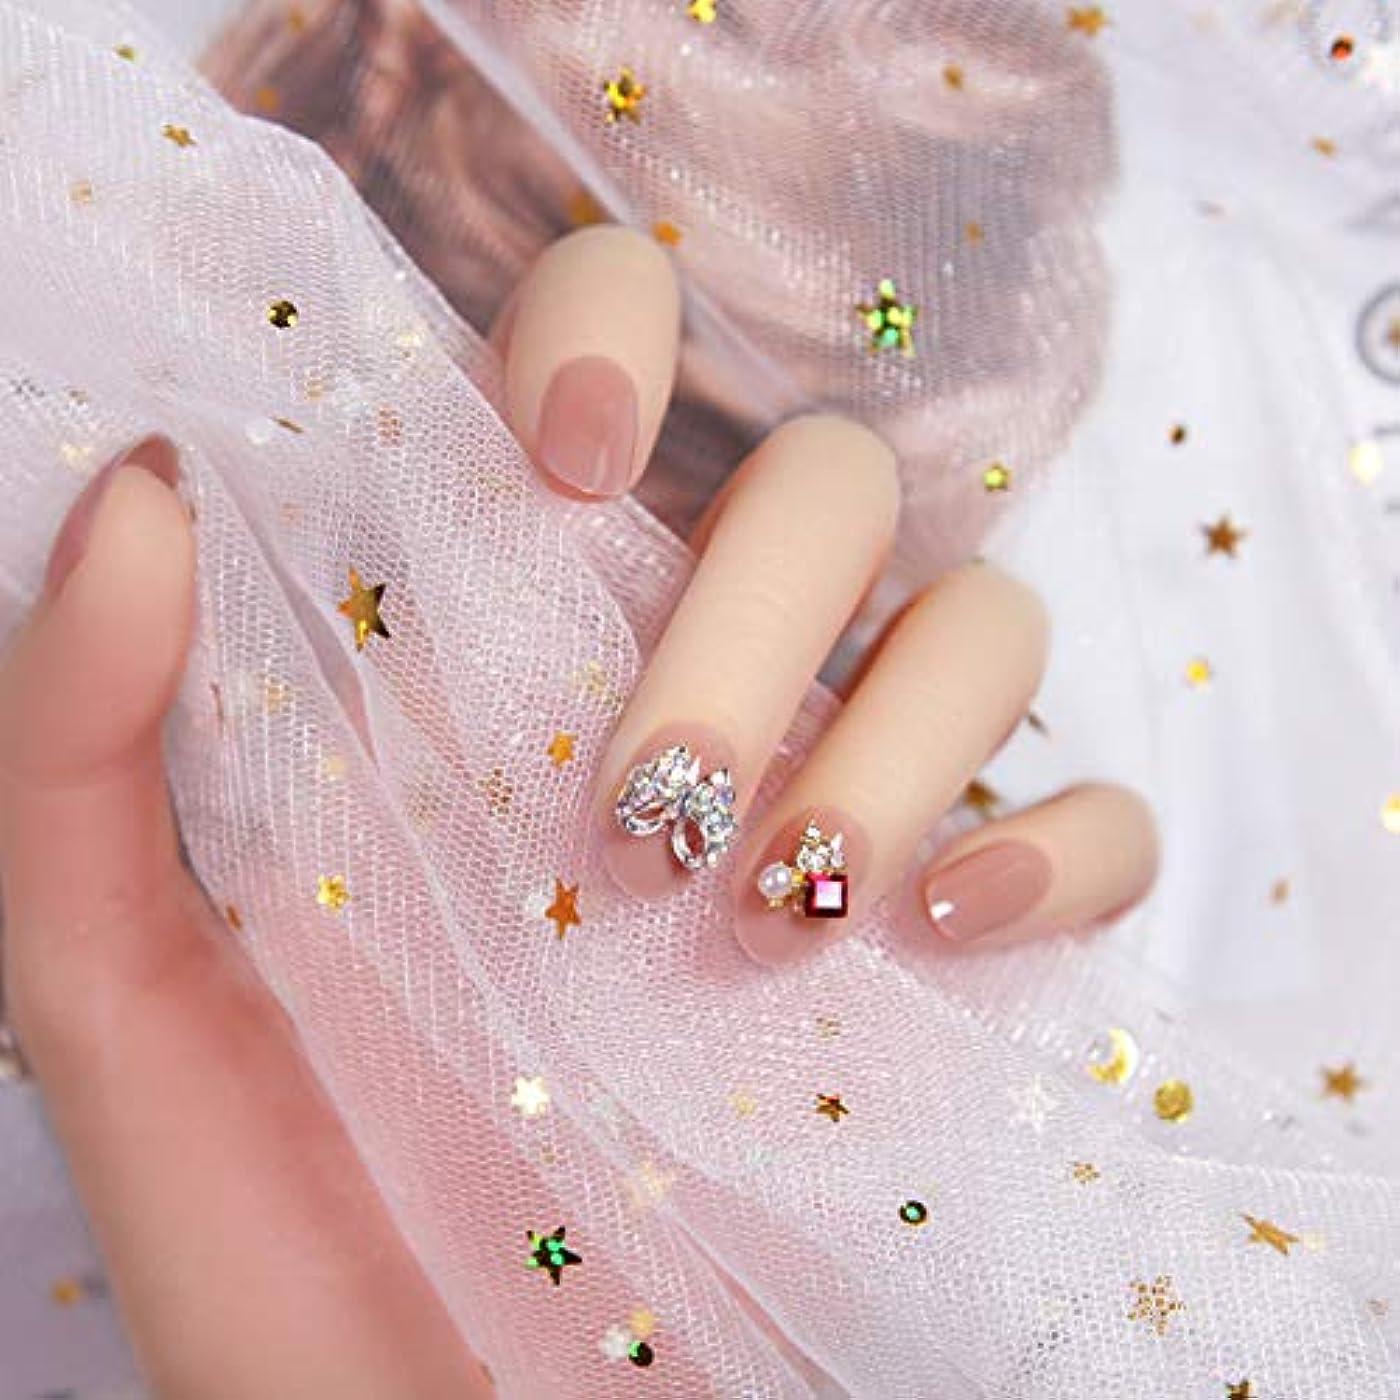 虚栄心トークンまさにピンク 3D ネイルチップ 人造ダイヤモンド 24枚入 原宿 和風 夢幻 和装 手作りネイルチップ 結婚式ネイルチップ